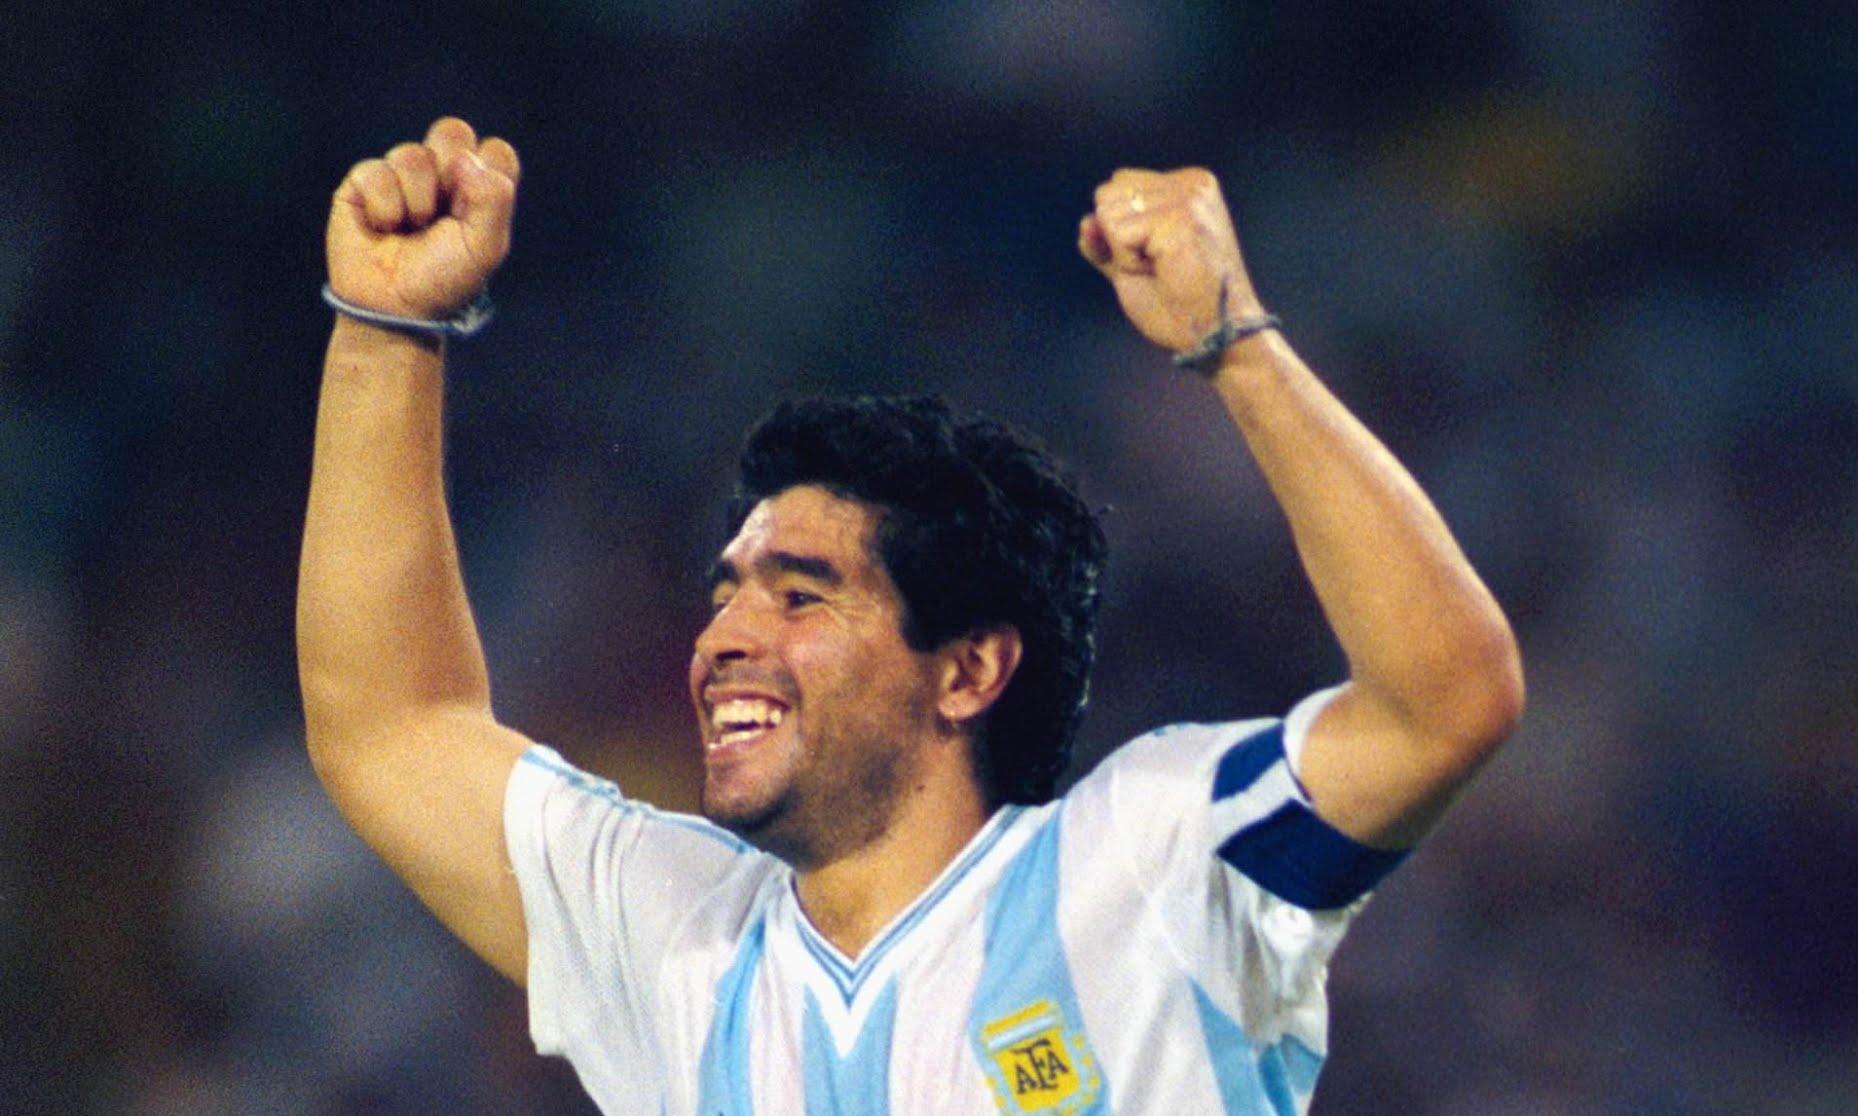 Ndahet nga jeta legjenda e futbollit Maradona